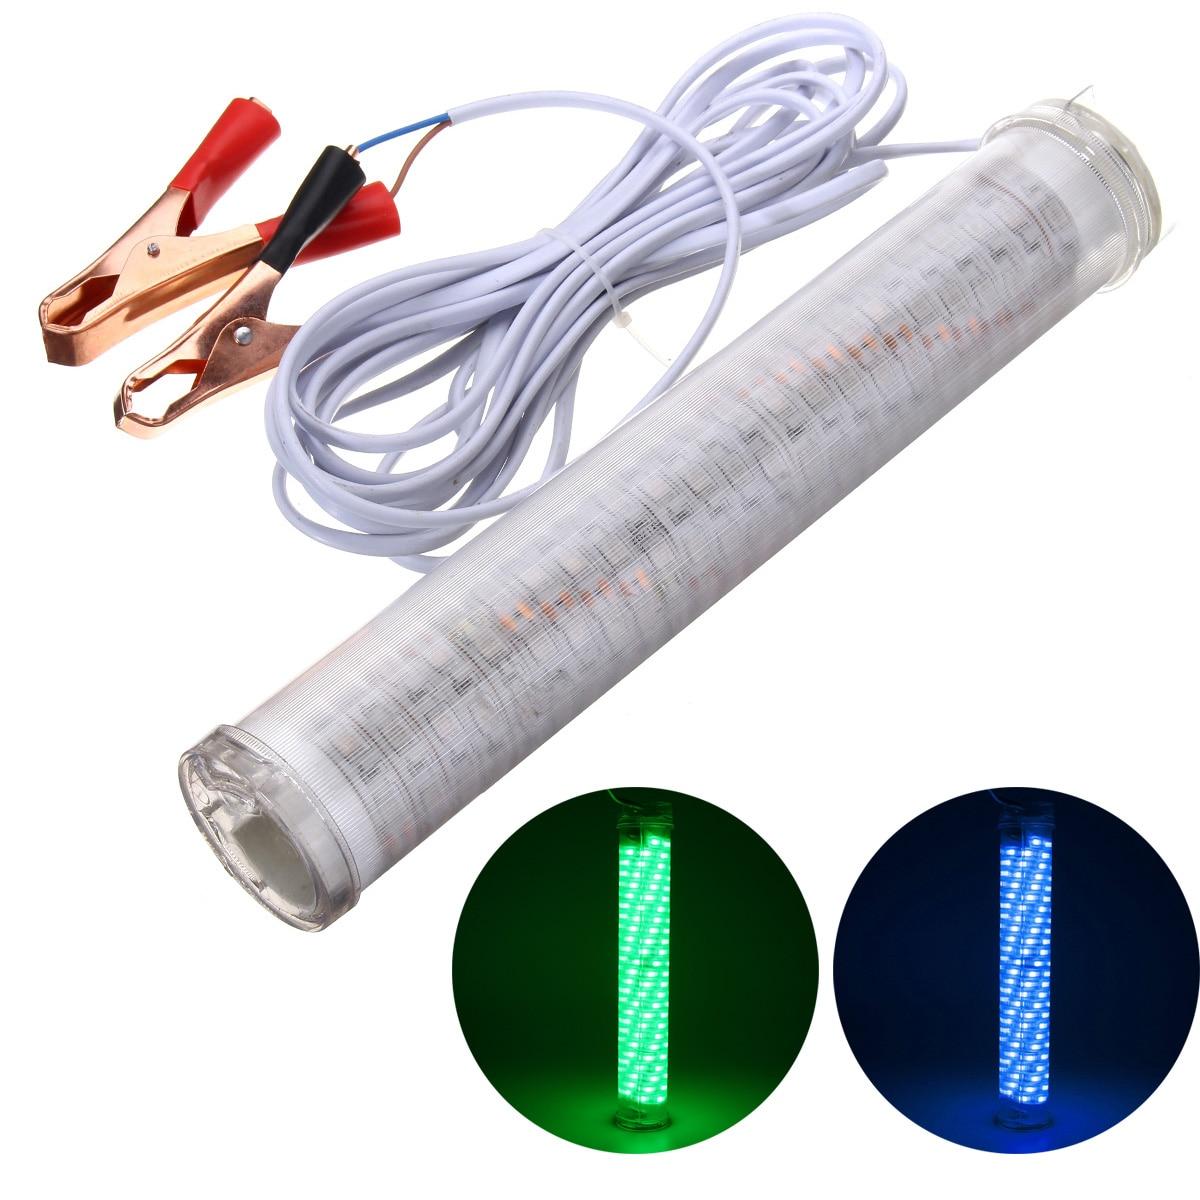 12 V 30 W LED verde/azul submarino sumergible impermeable pesca luz 2400LM barco pescado calamar lámpara